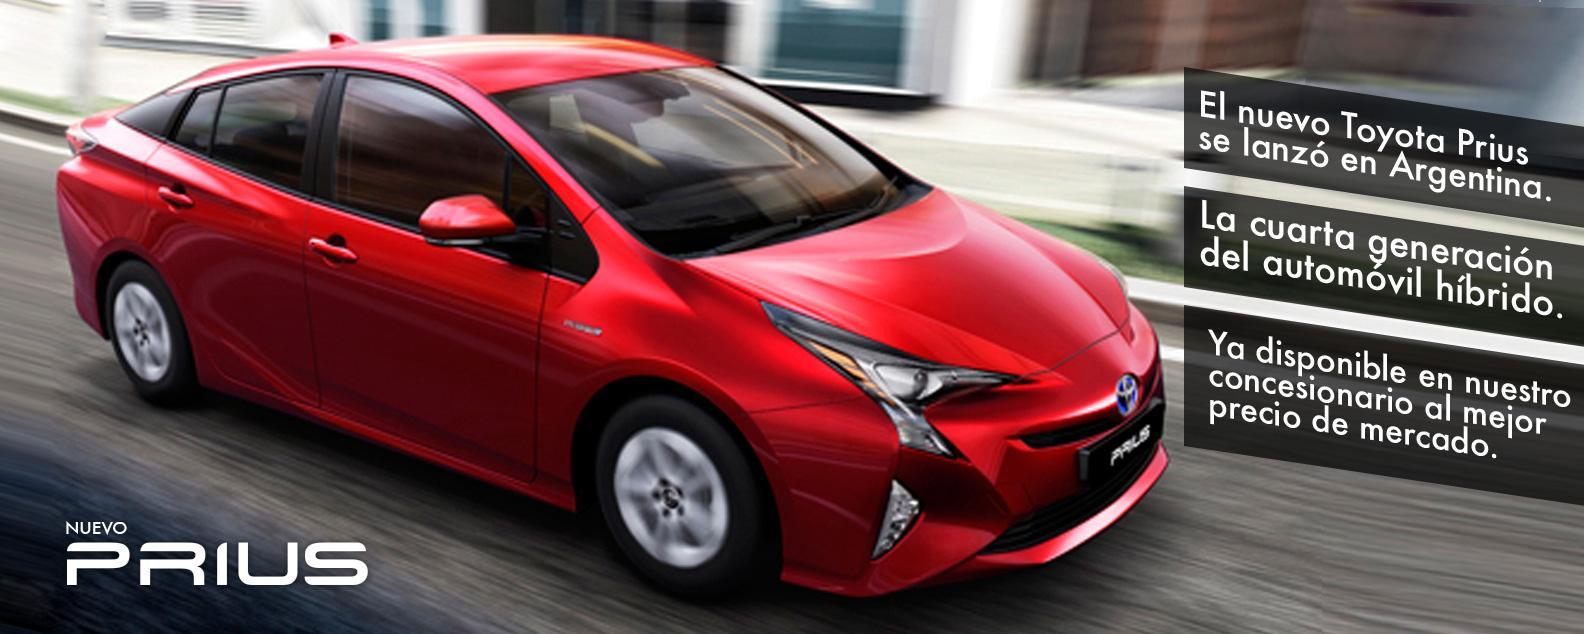 Nuevo Toyota Prius Cuarta Generación.